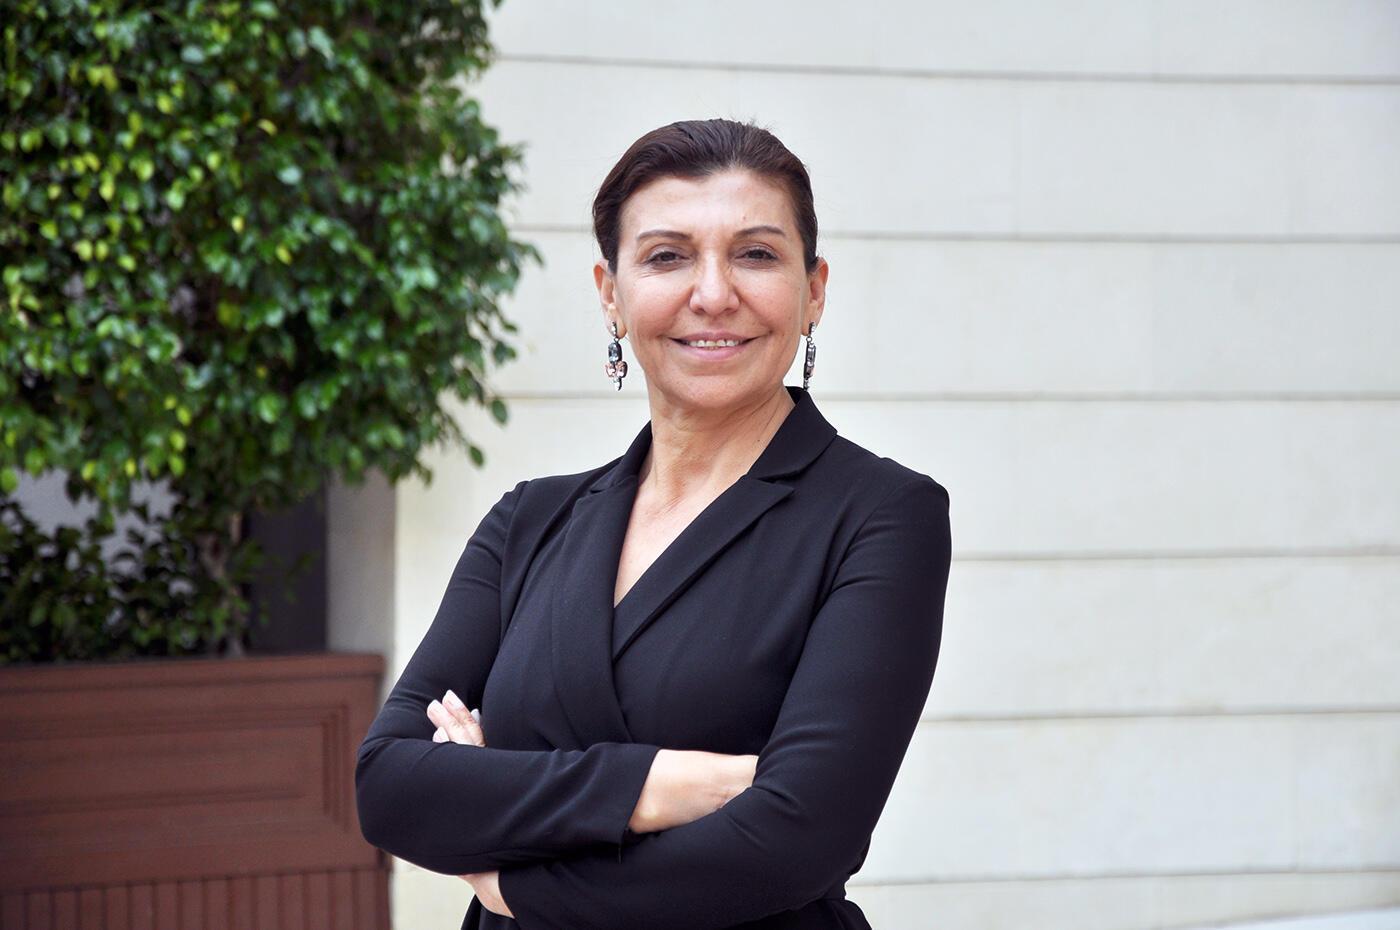 CHPli Gündoğdudan soru önergesi: Türkiye genelinde artan kanser vakaları karşısında hangi tedbirleri alacaksınız 61